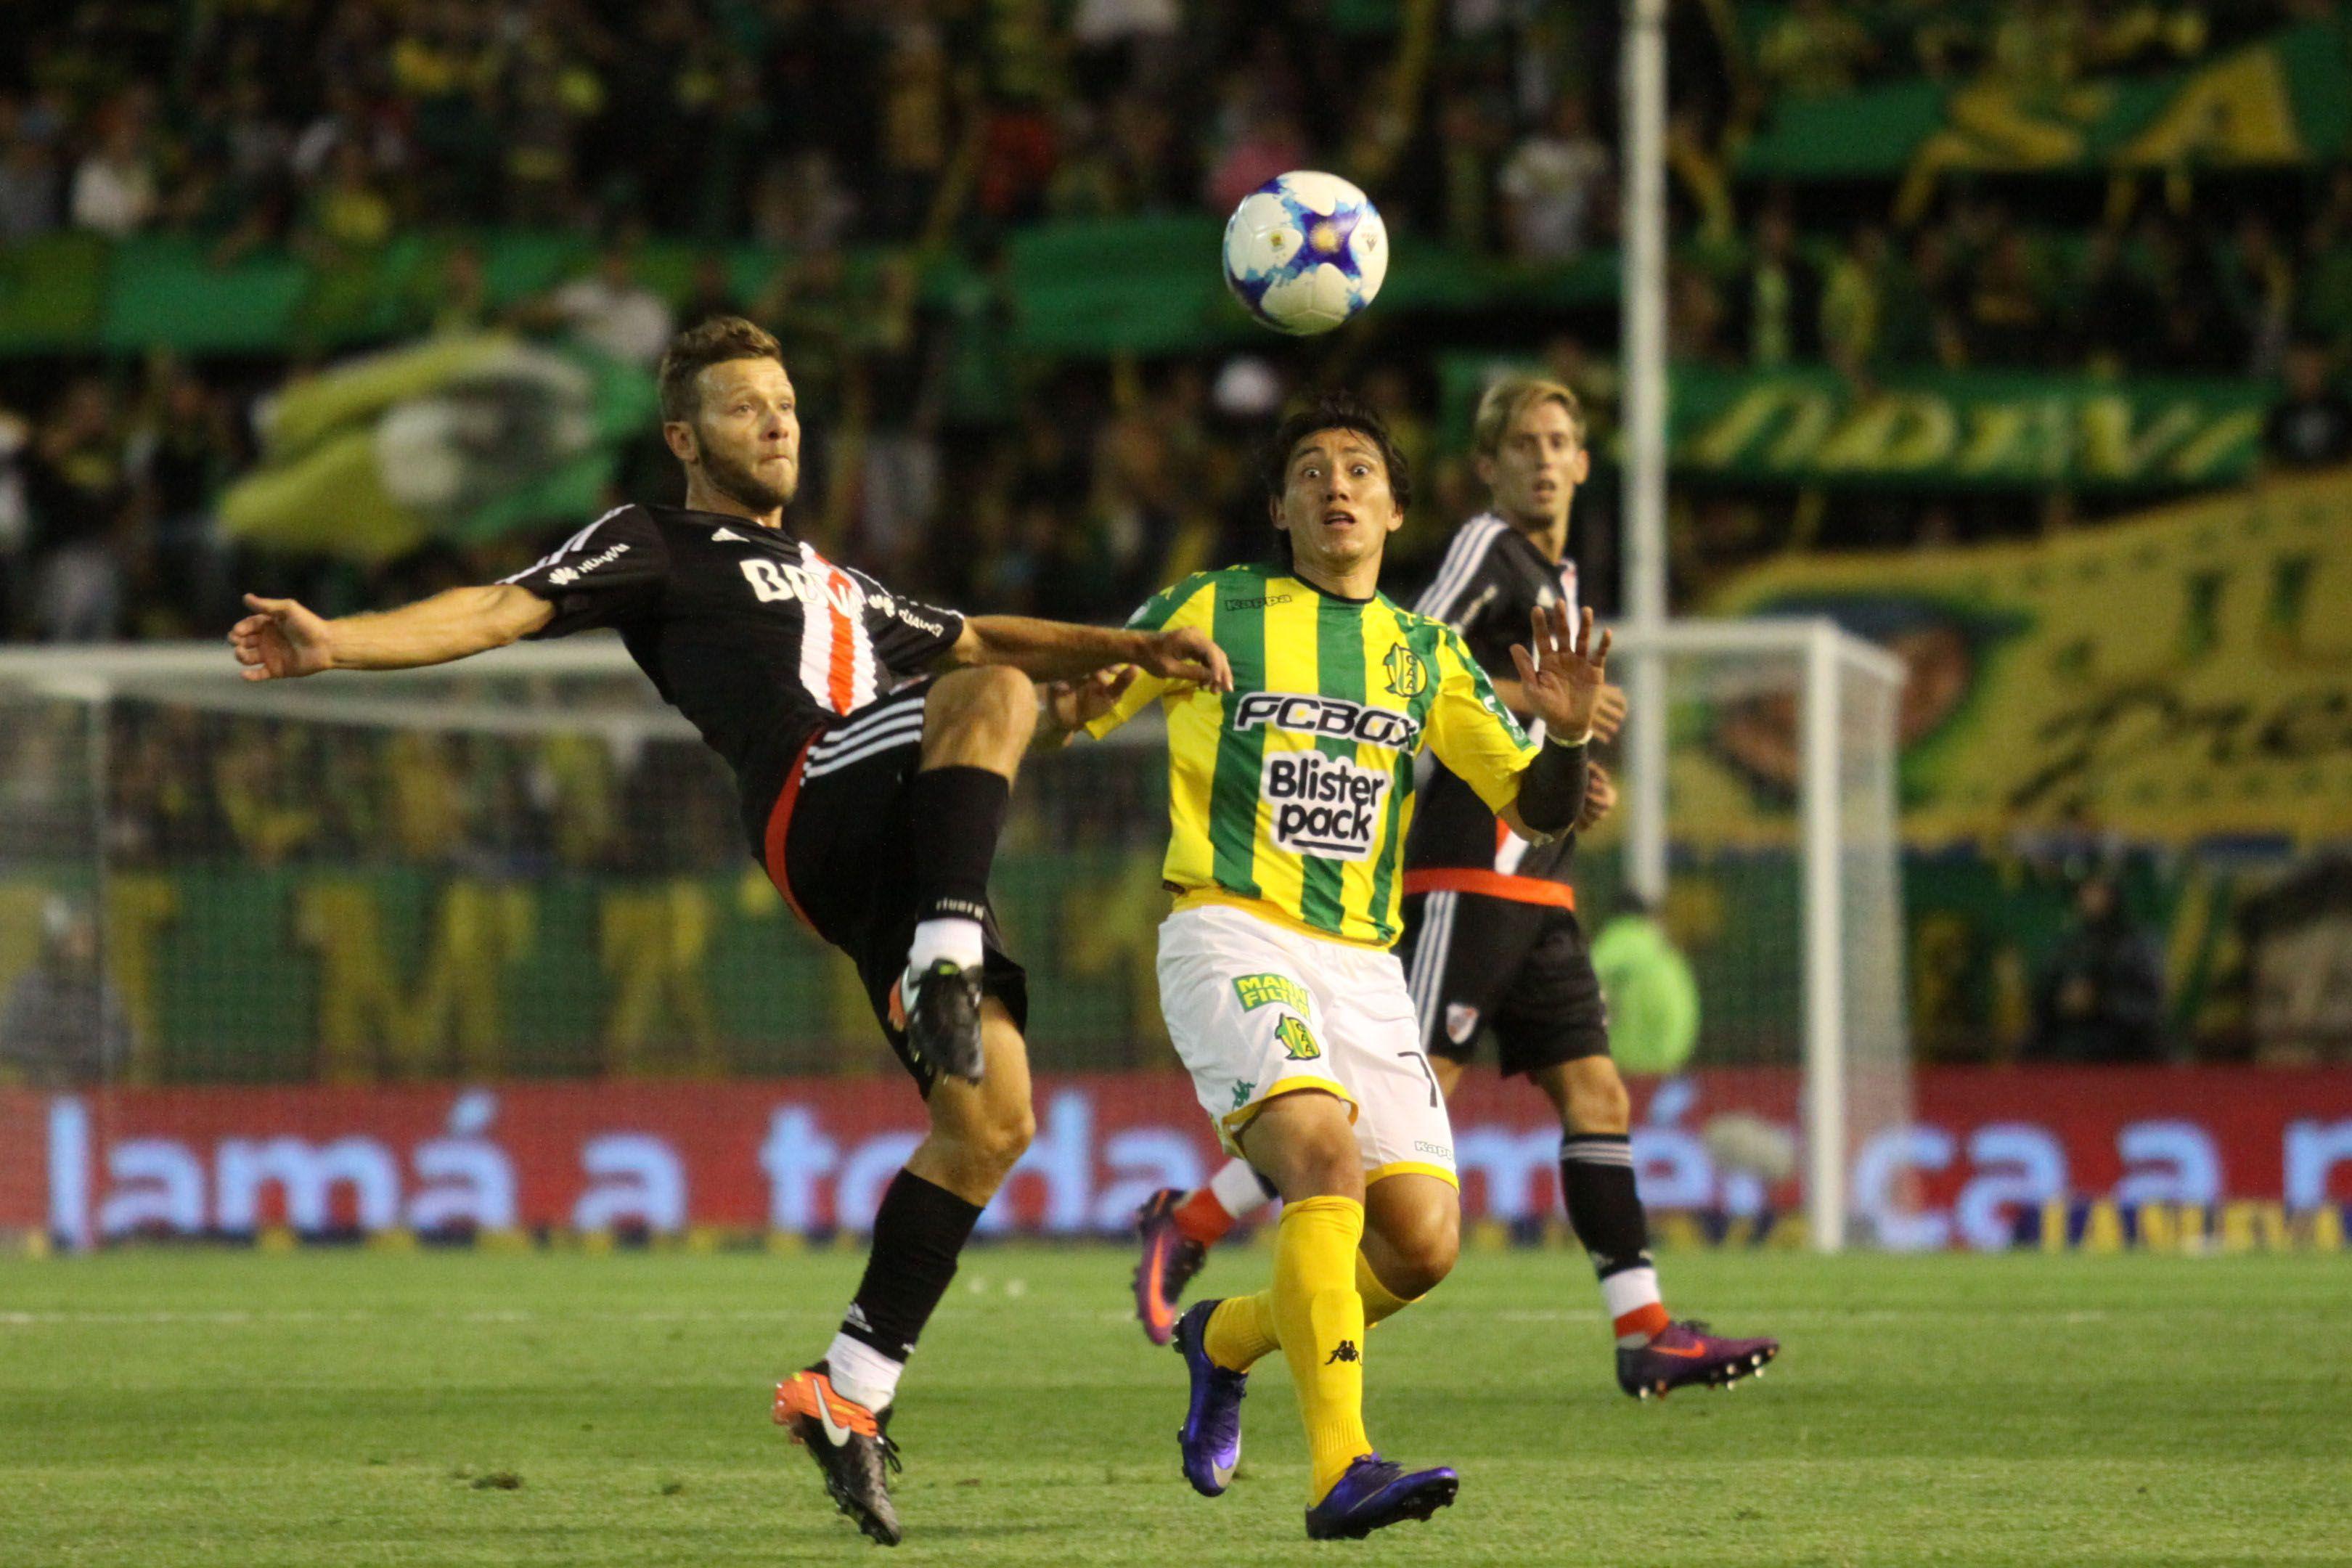 Nicolás Domingo (River) y Pablo Lugüercio (Aldosivi) disputan una pelota dividida